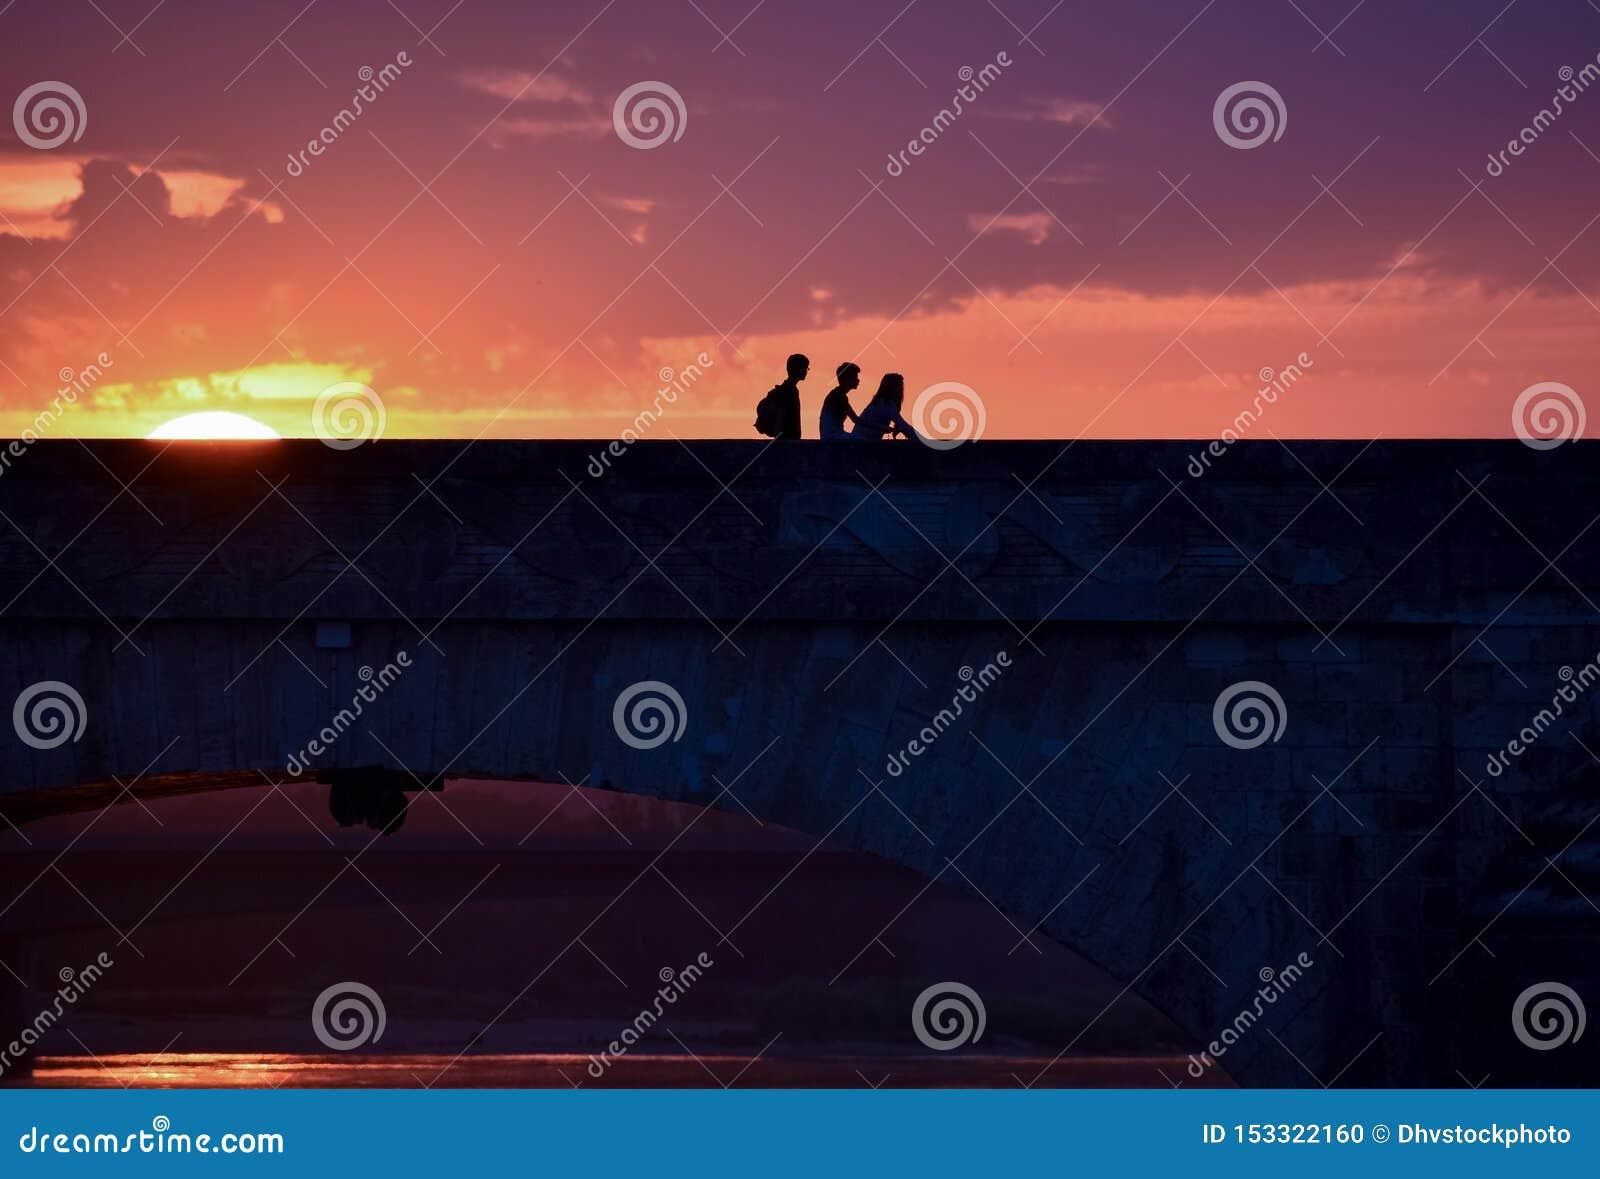 Silueta de amigos jovenes en una puesta del sol colorida al volver el hogar, cruzando un puente